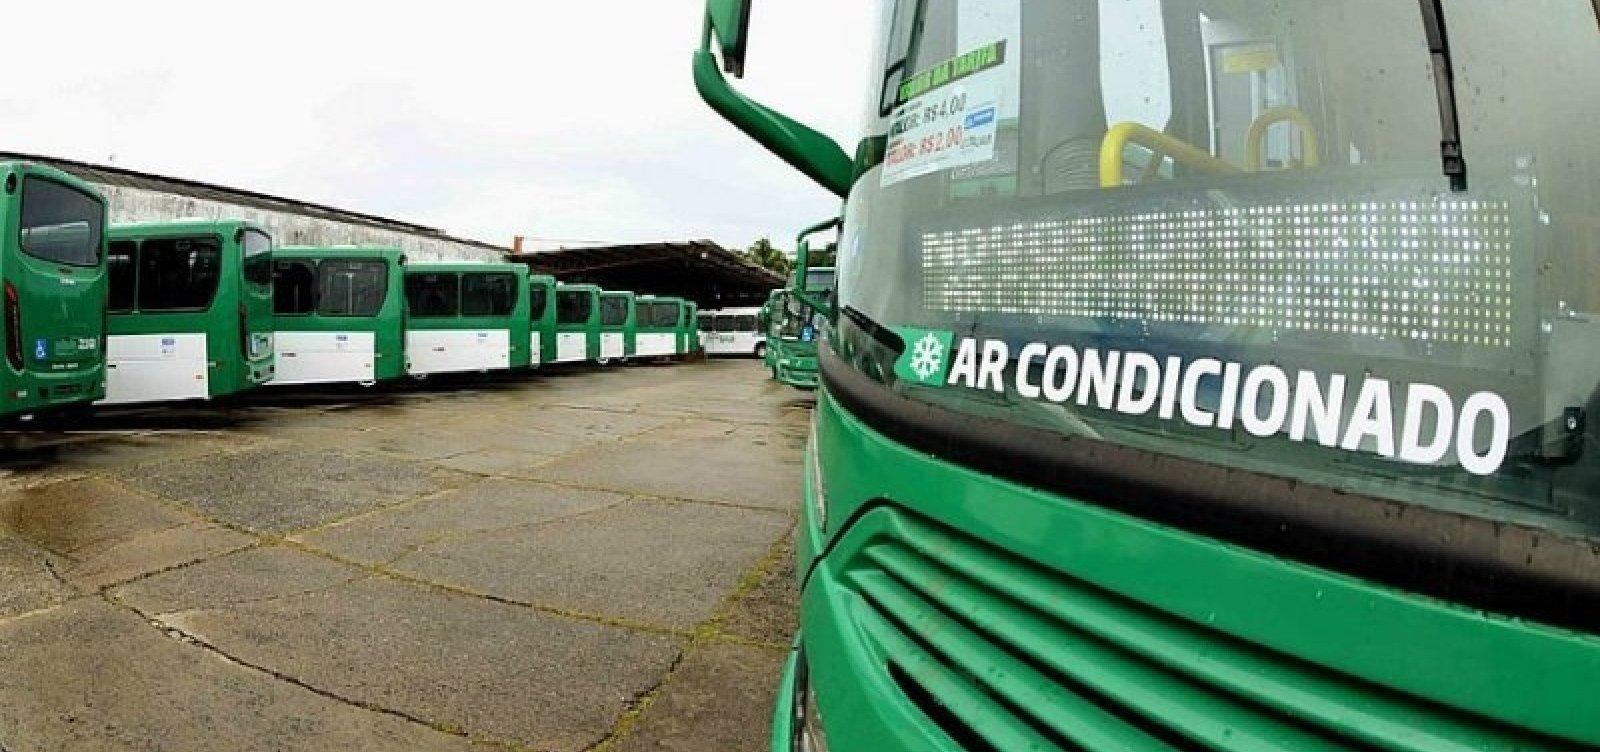 Reunião para discutir impasse de ônibus com ar-condicionado é adiada